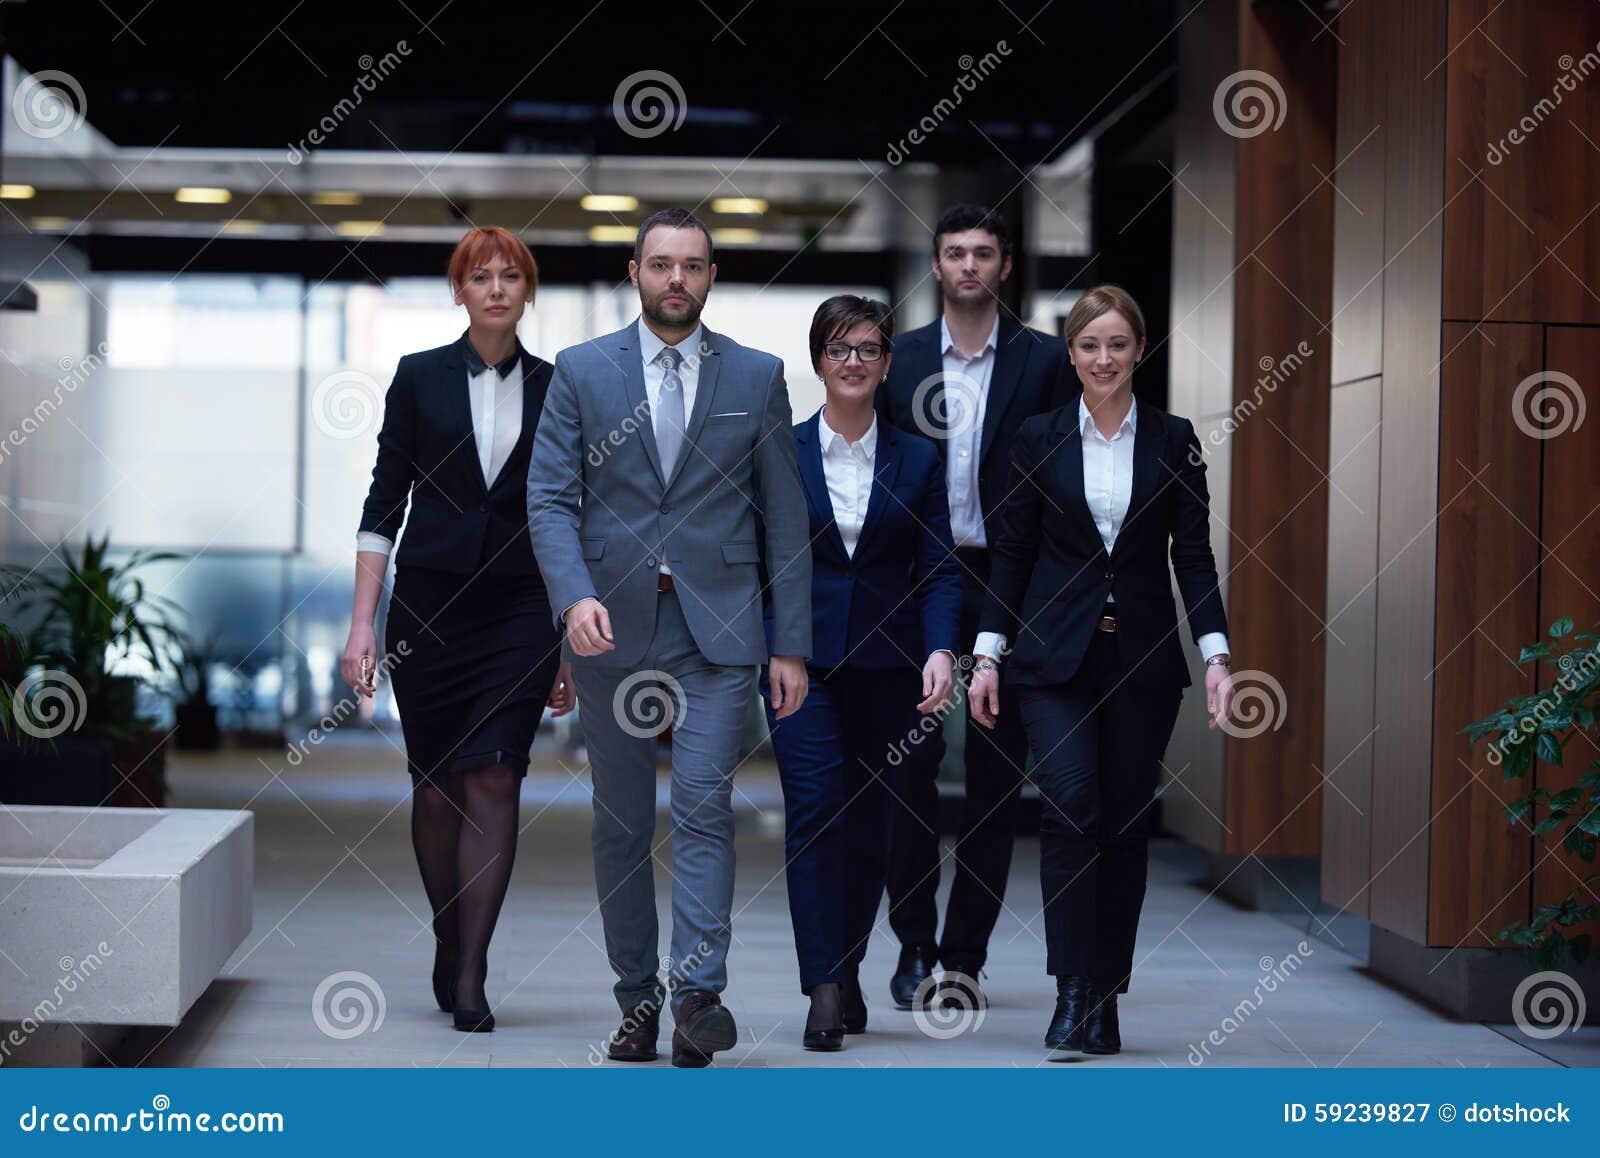 Download Hombres De Negocios El Recorrer De Las Personas Imagen de archivo - Imagen de extracto, vida: 59239827